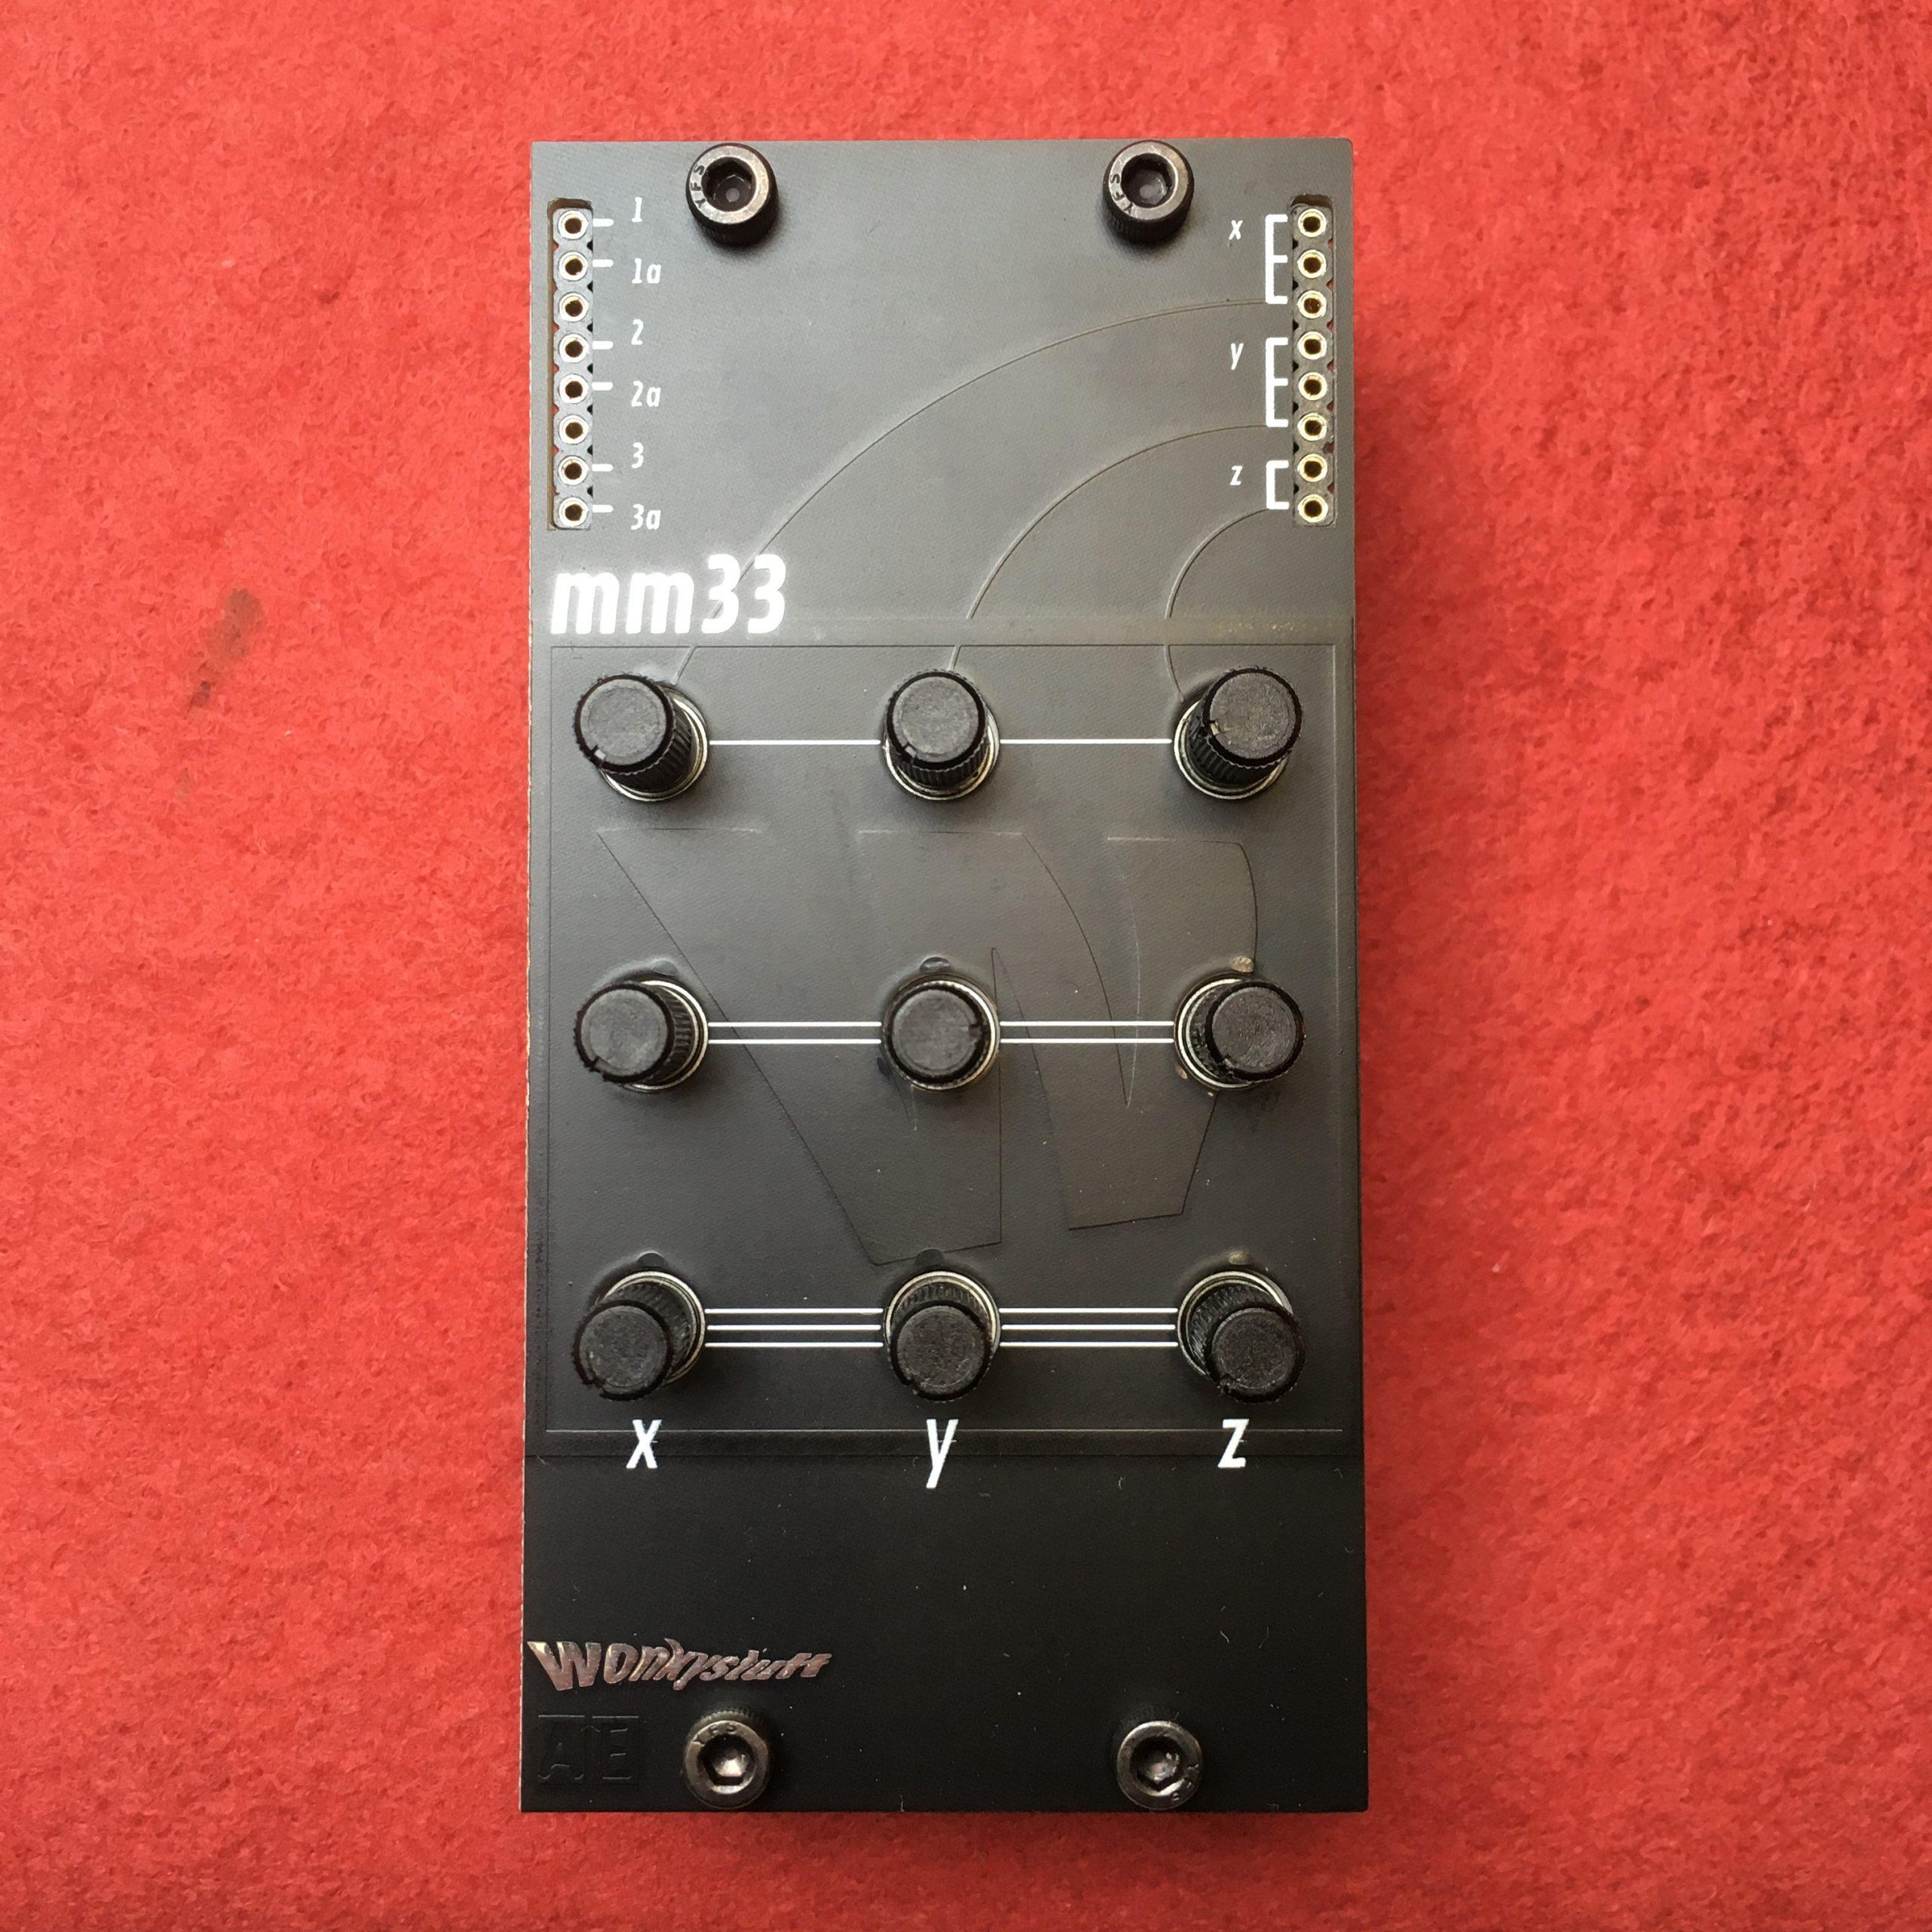 standard mm33 panel (top)